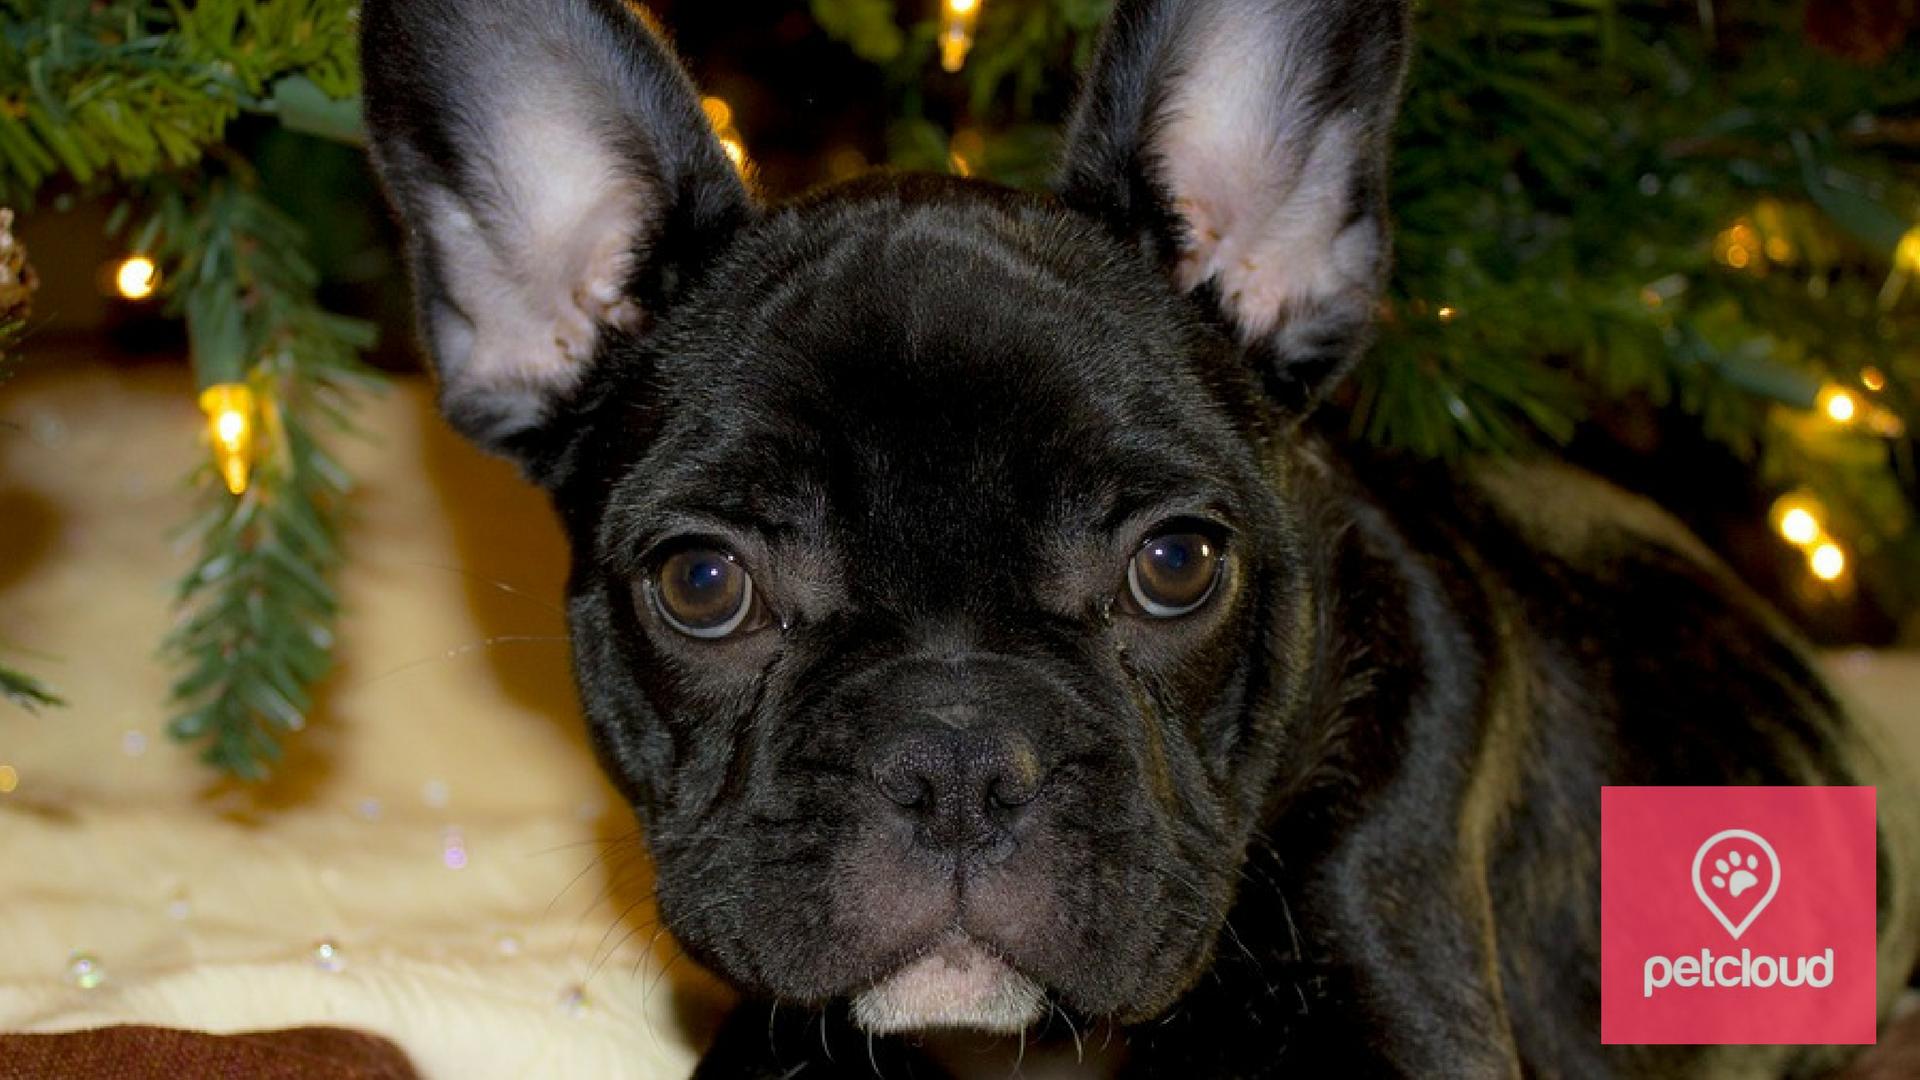 French Bulldog, PetCloud, Christmas, Companion Dog, Pet Sitting, Dog Sitting, Dog Minder